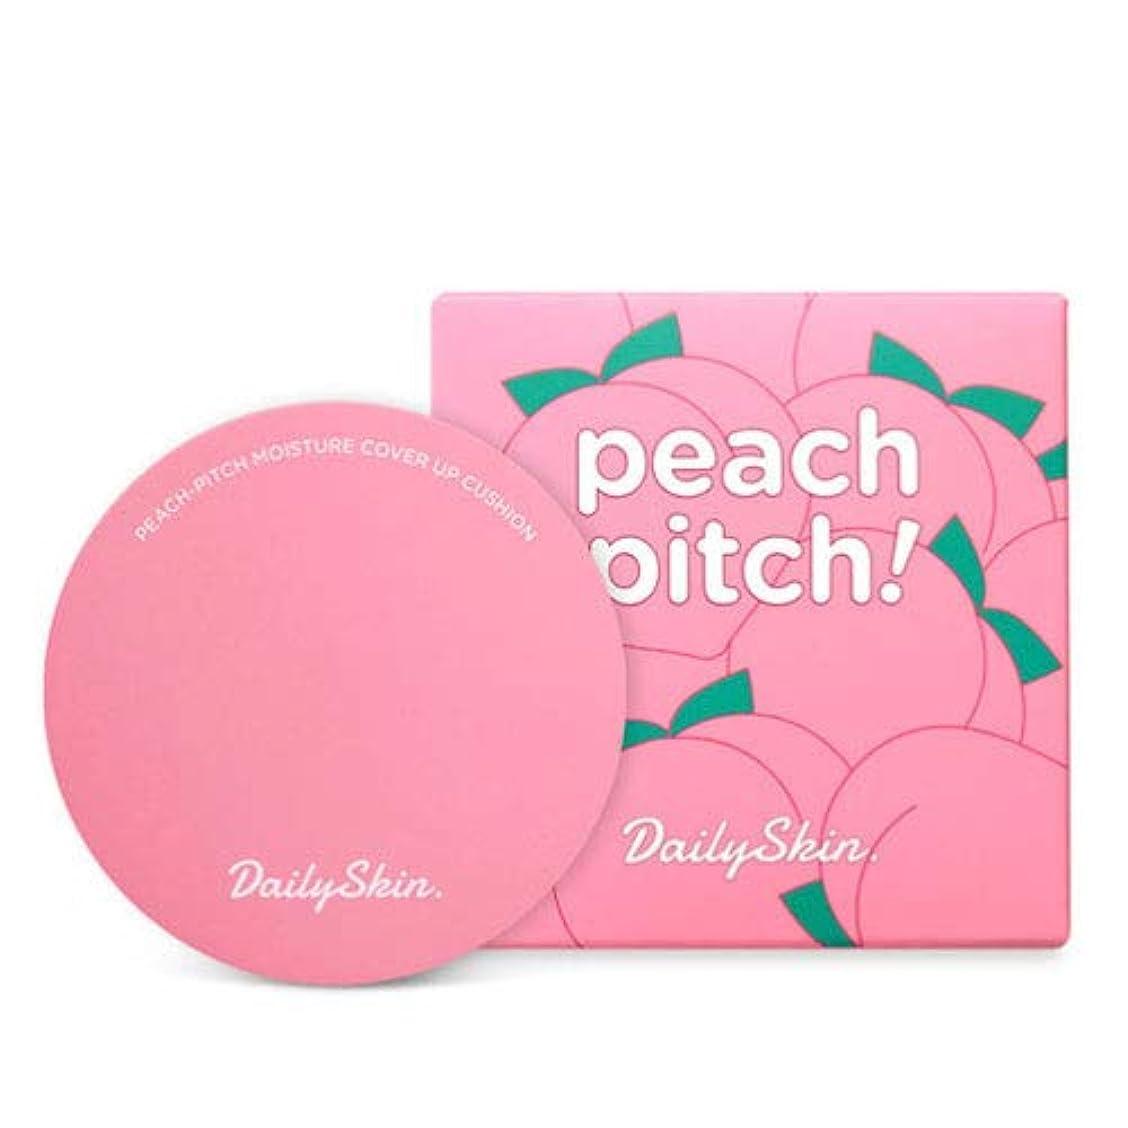 ジュース恐ろしいかわいらしい[RENEWAL] デイリースキン ピーチ モイスチャー カバー アップ クッション Daily Skin Peach-Pitch Moisture Cover Up Cushion (No.23 Peach Natural...